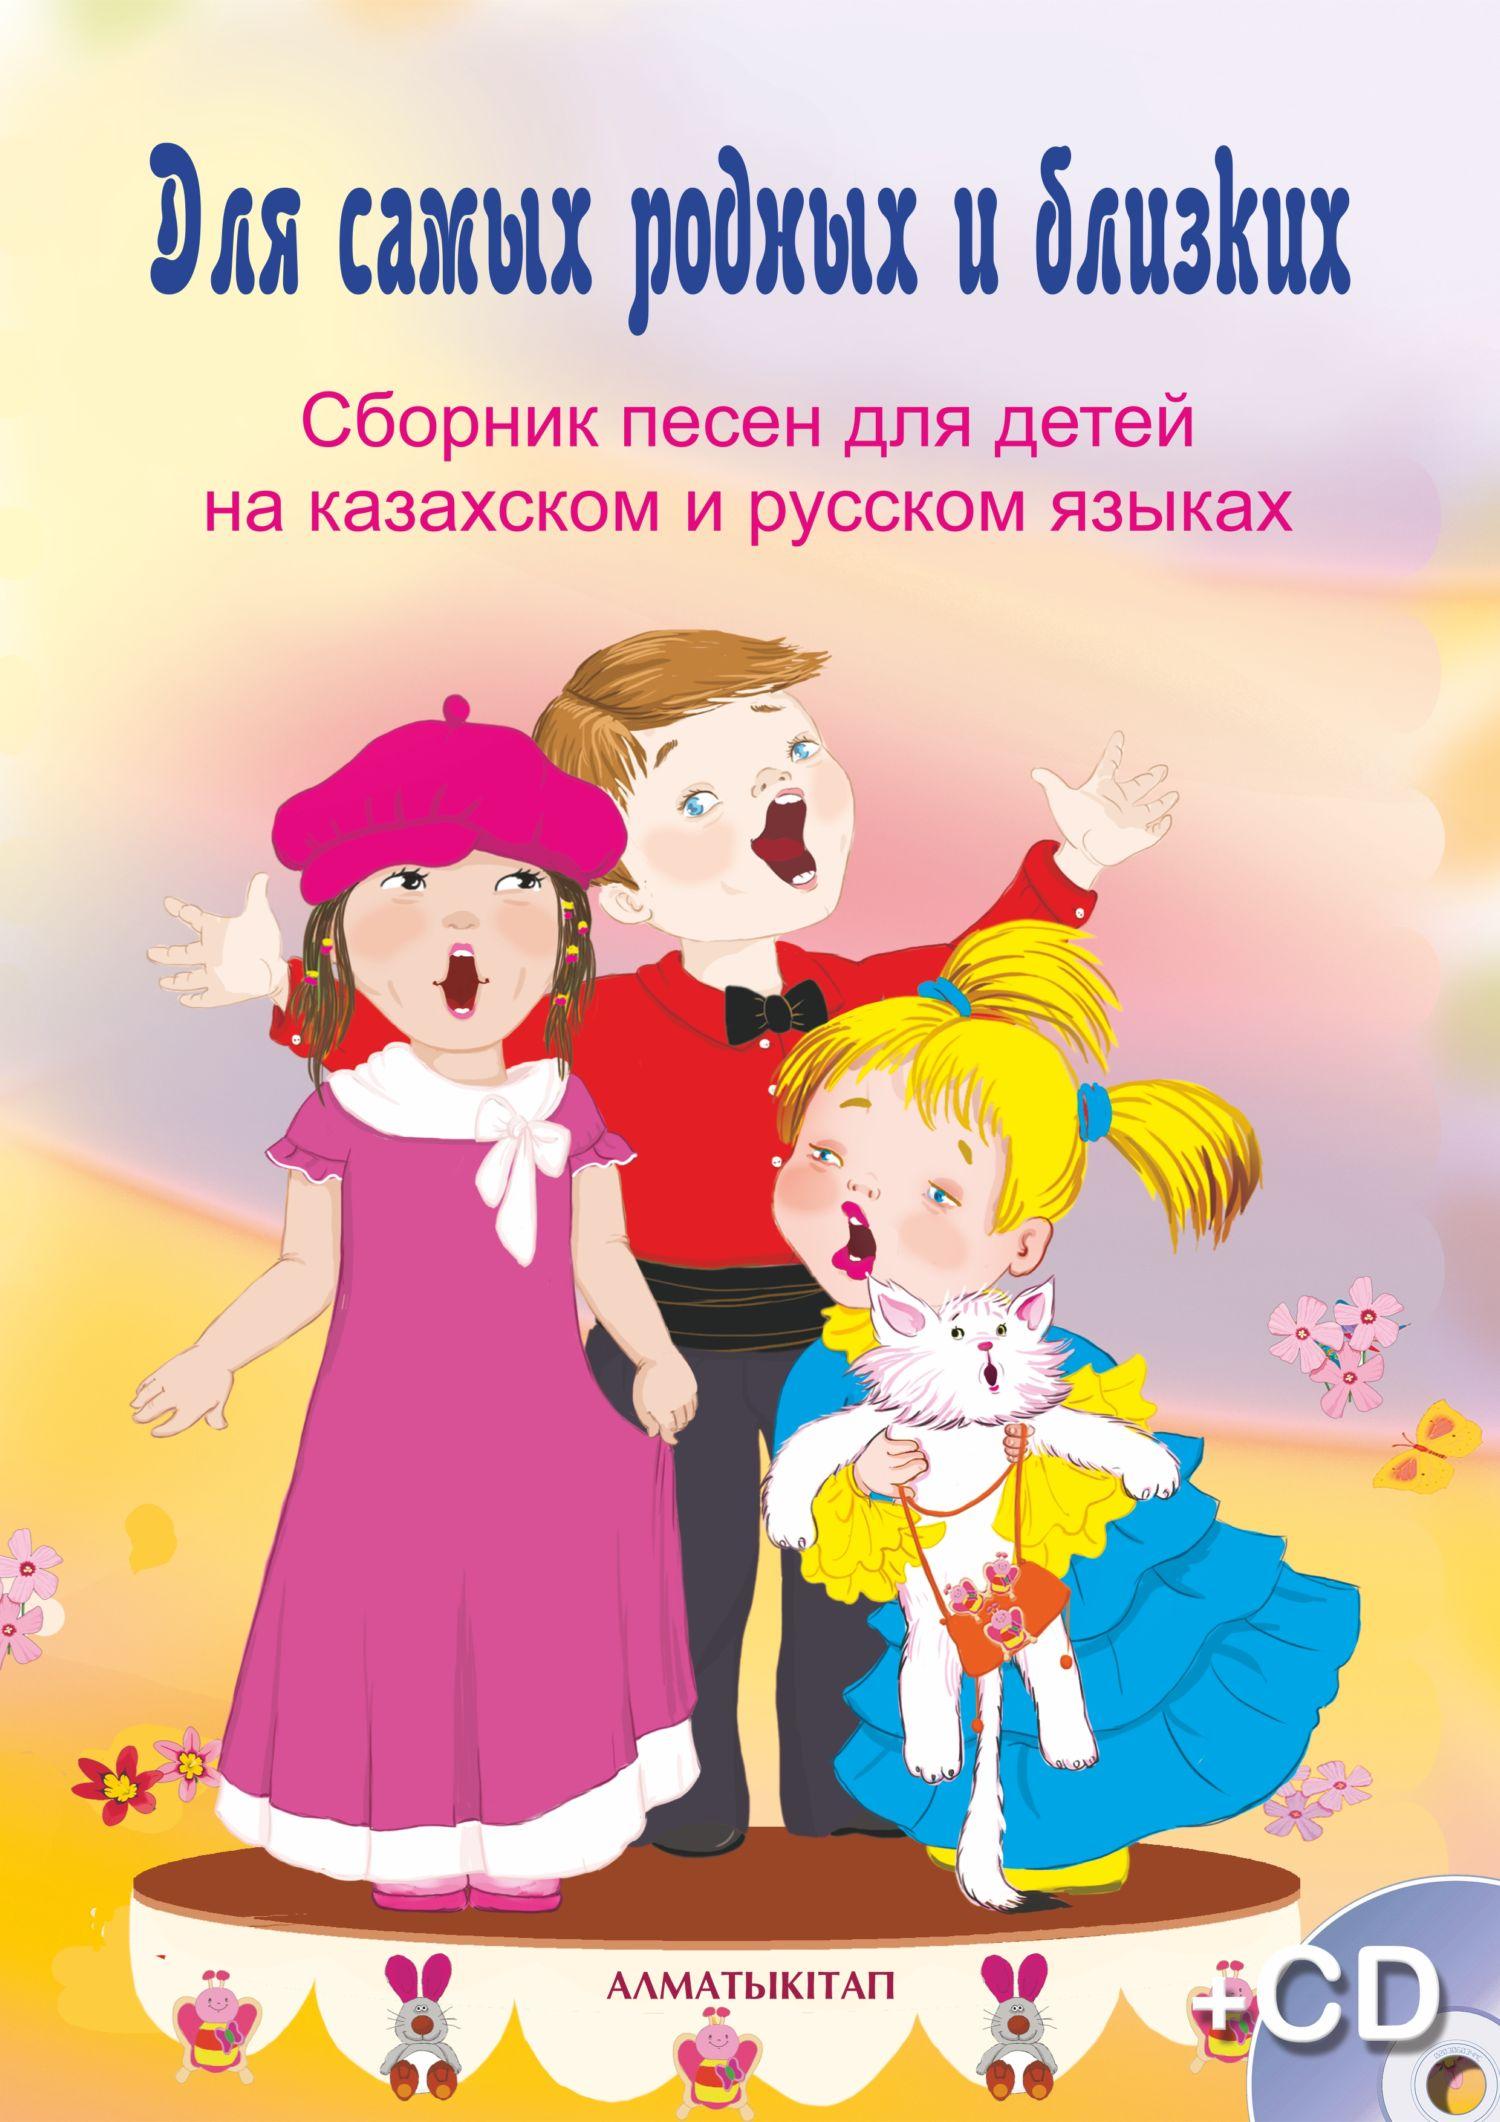 Эротические сказки на казахском языке 1 фотография